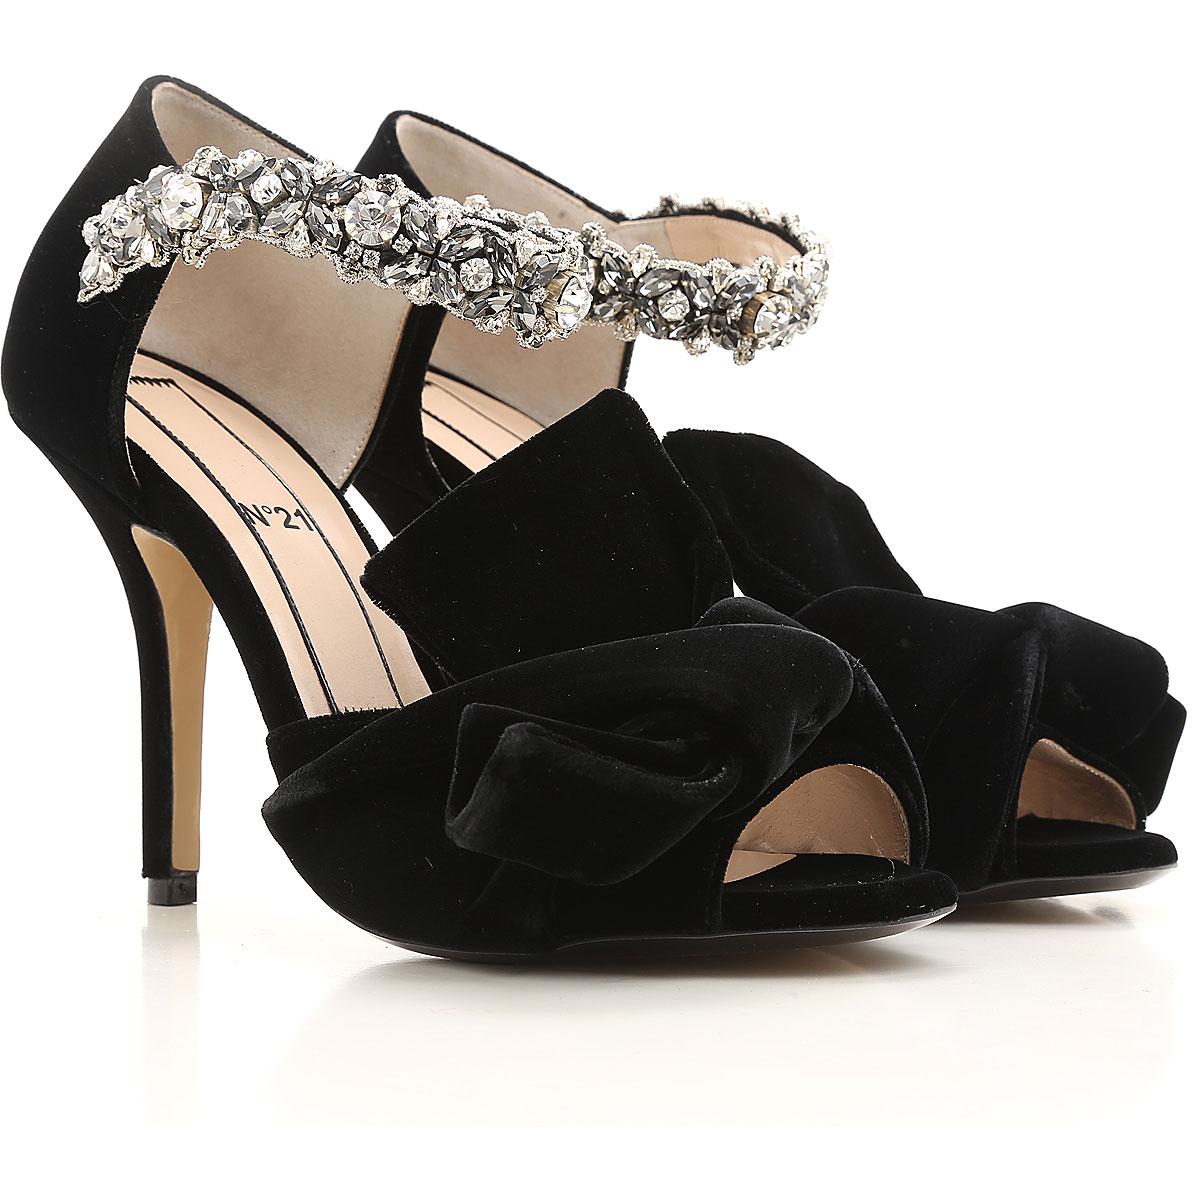 NO 21 Sandals for Women, Black, Velvet, 2019, 8 8.5